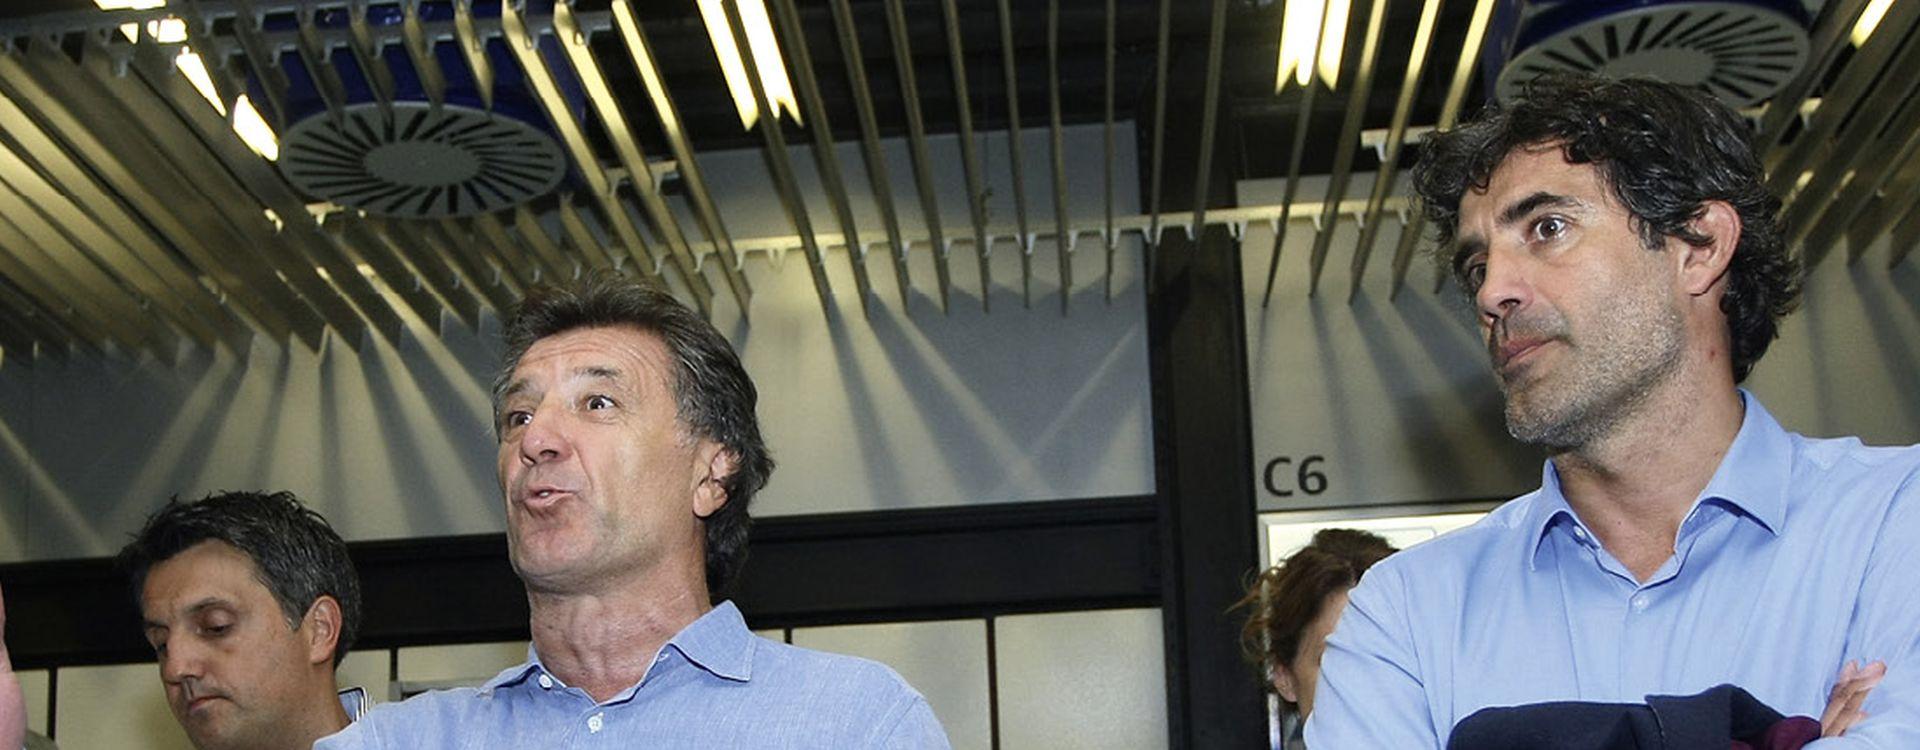 Hajduk napada HNS jer je Mamić kreditirao Krešimira  Vlajčevića